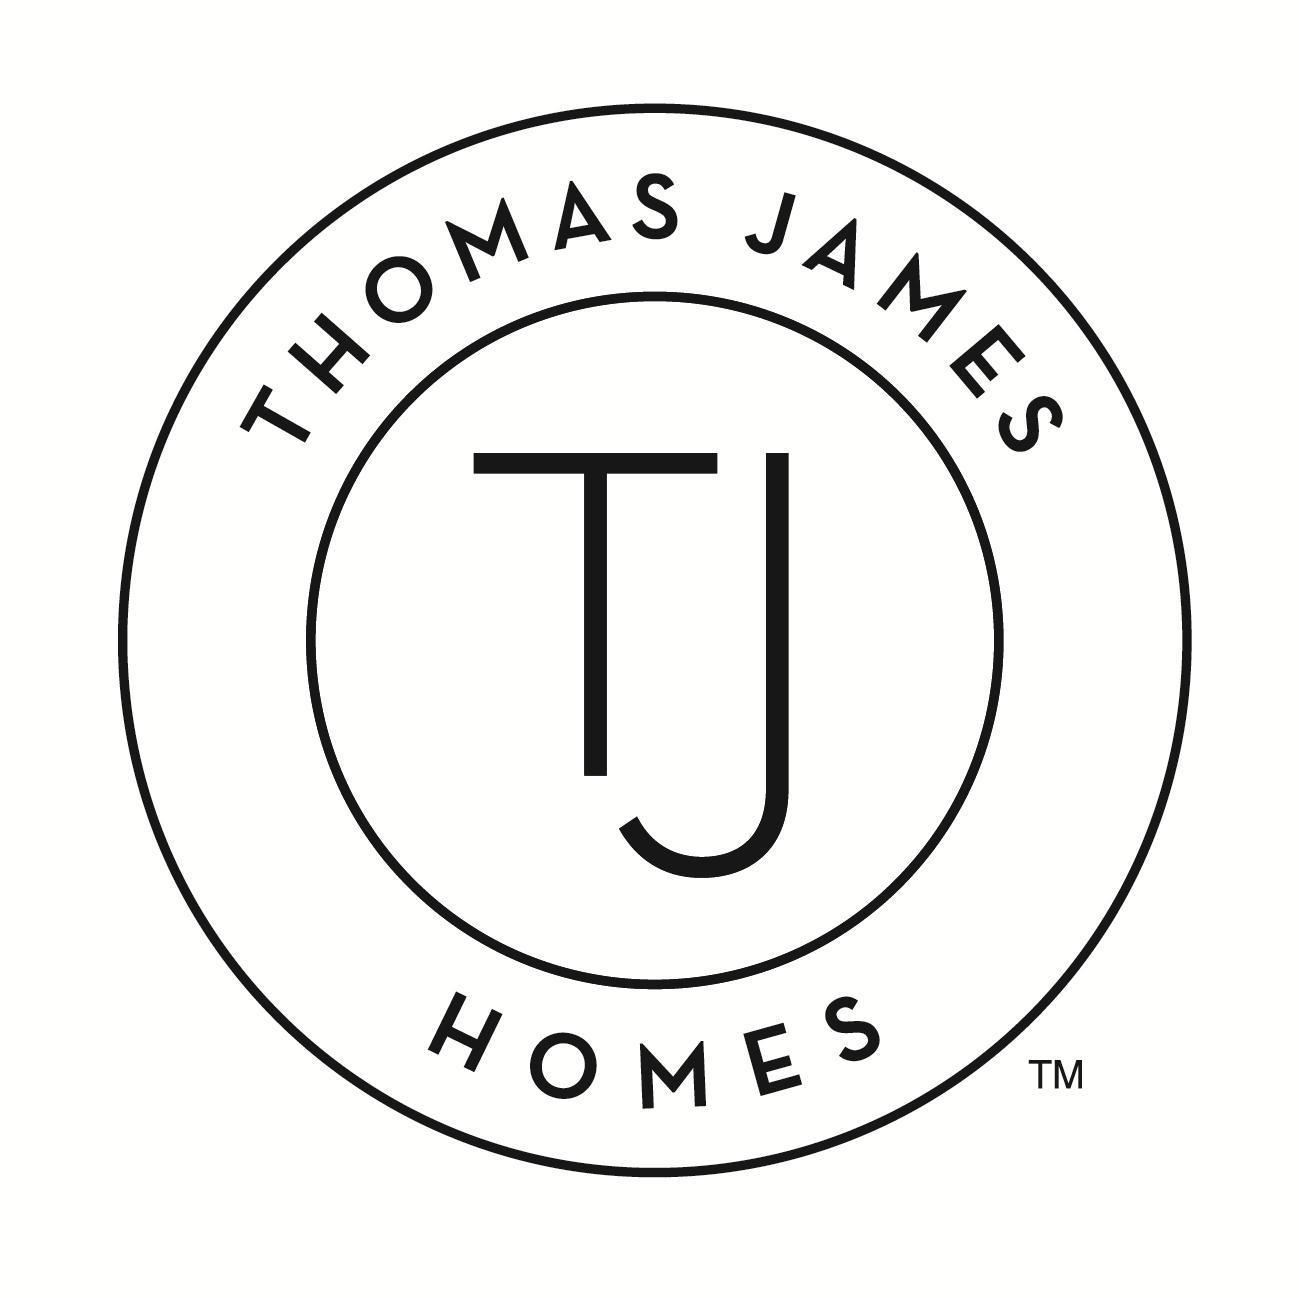 Thomas James Homes